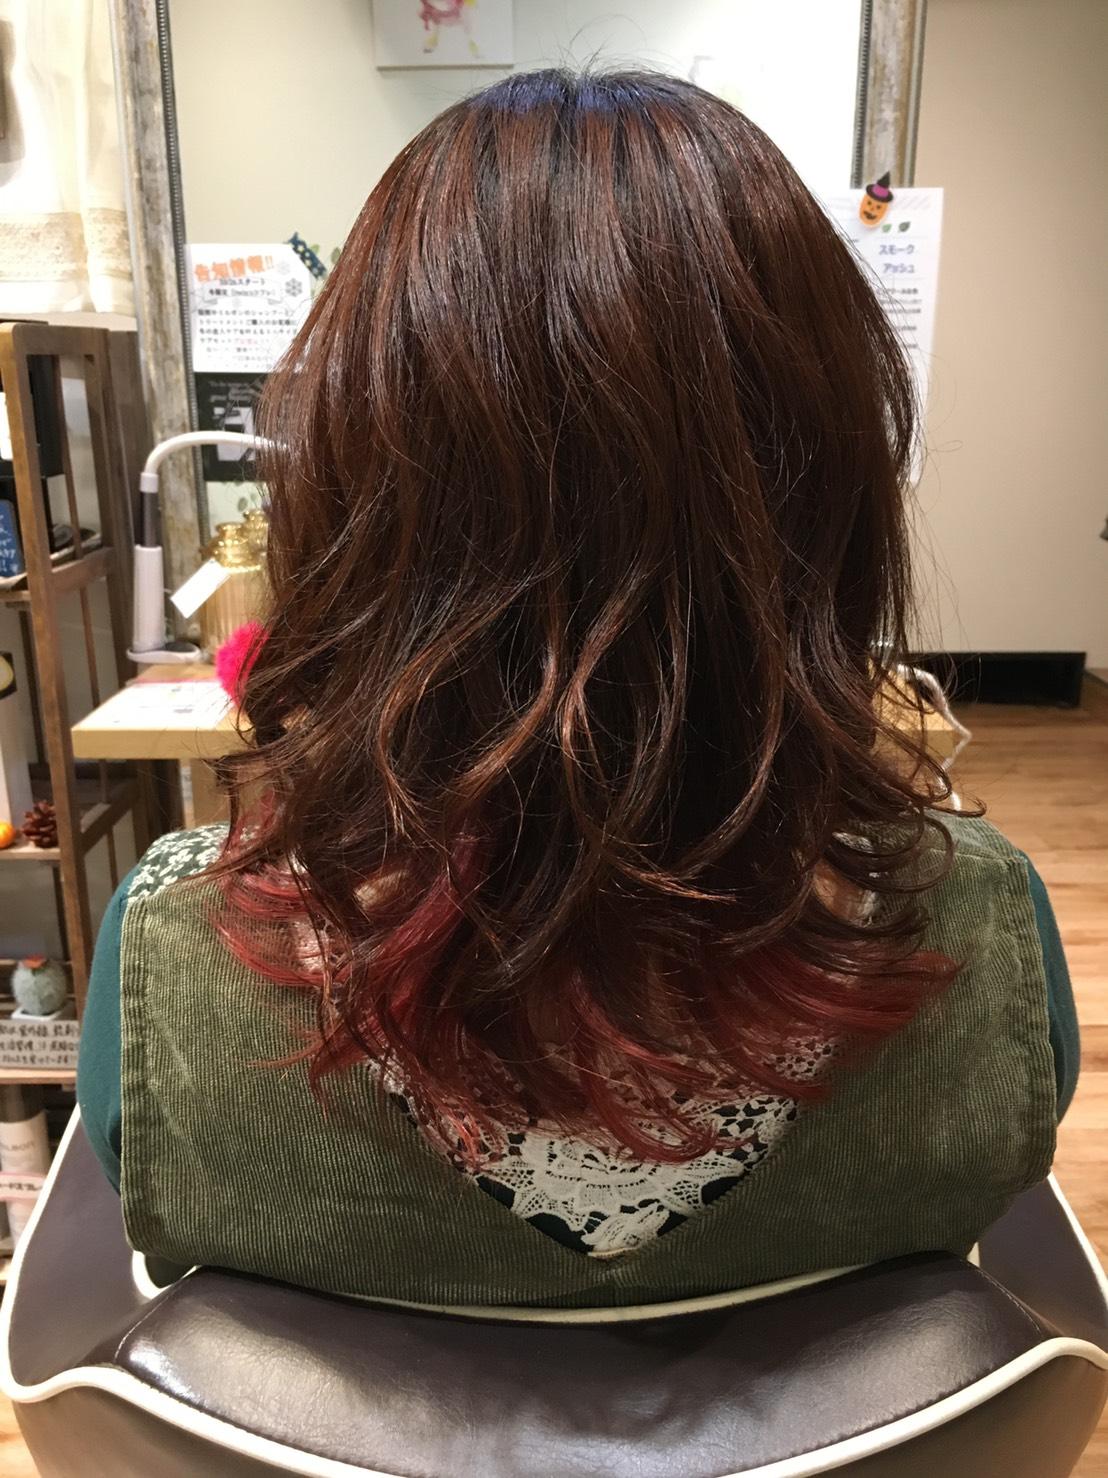 S  31023123 - Hair Gallery